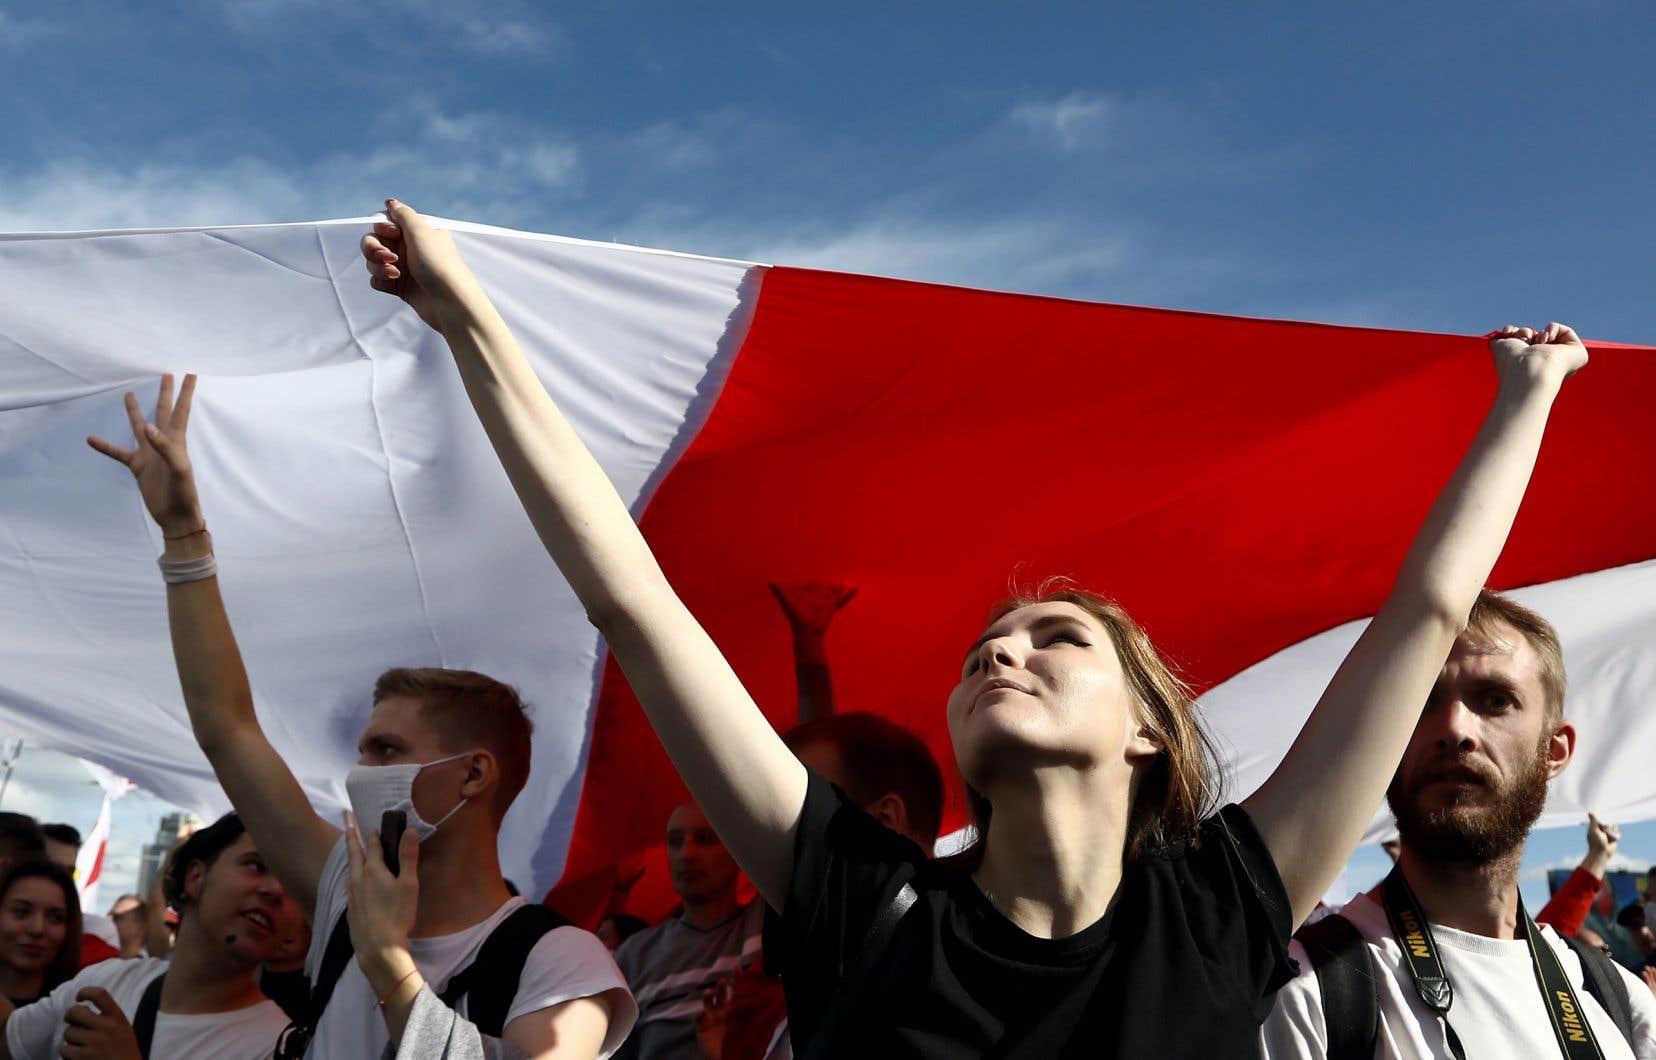 La police biélorusse a annoncé avoir procédé à l'arrestation de 400 personnes à Minsk lors d'un défilé baptisé la «marche des héros» en référence aux victimes de la répression.